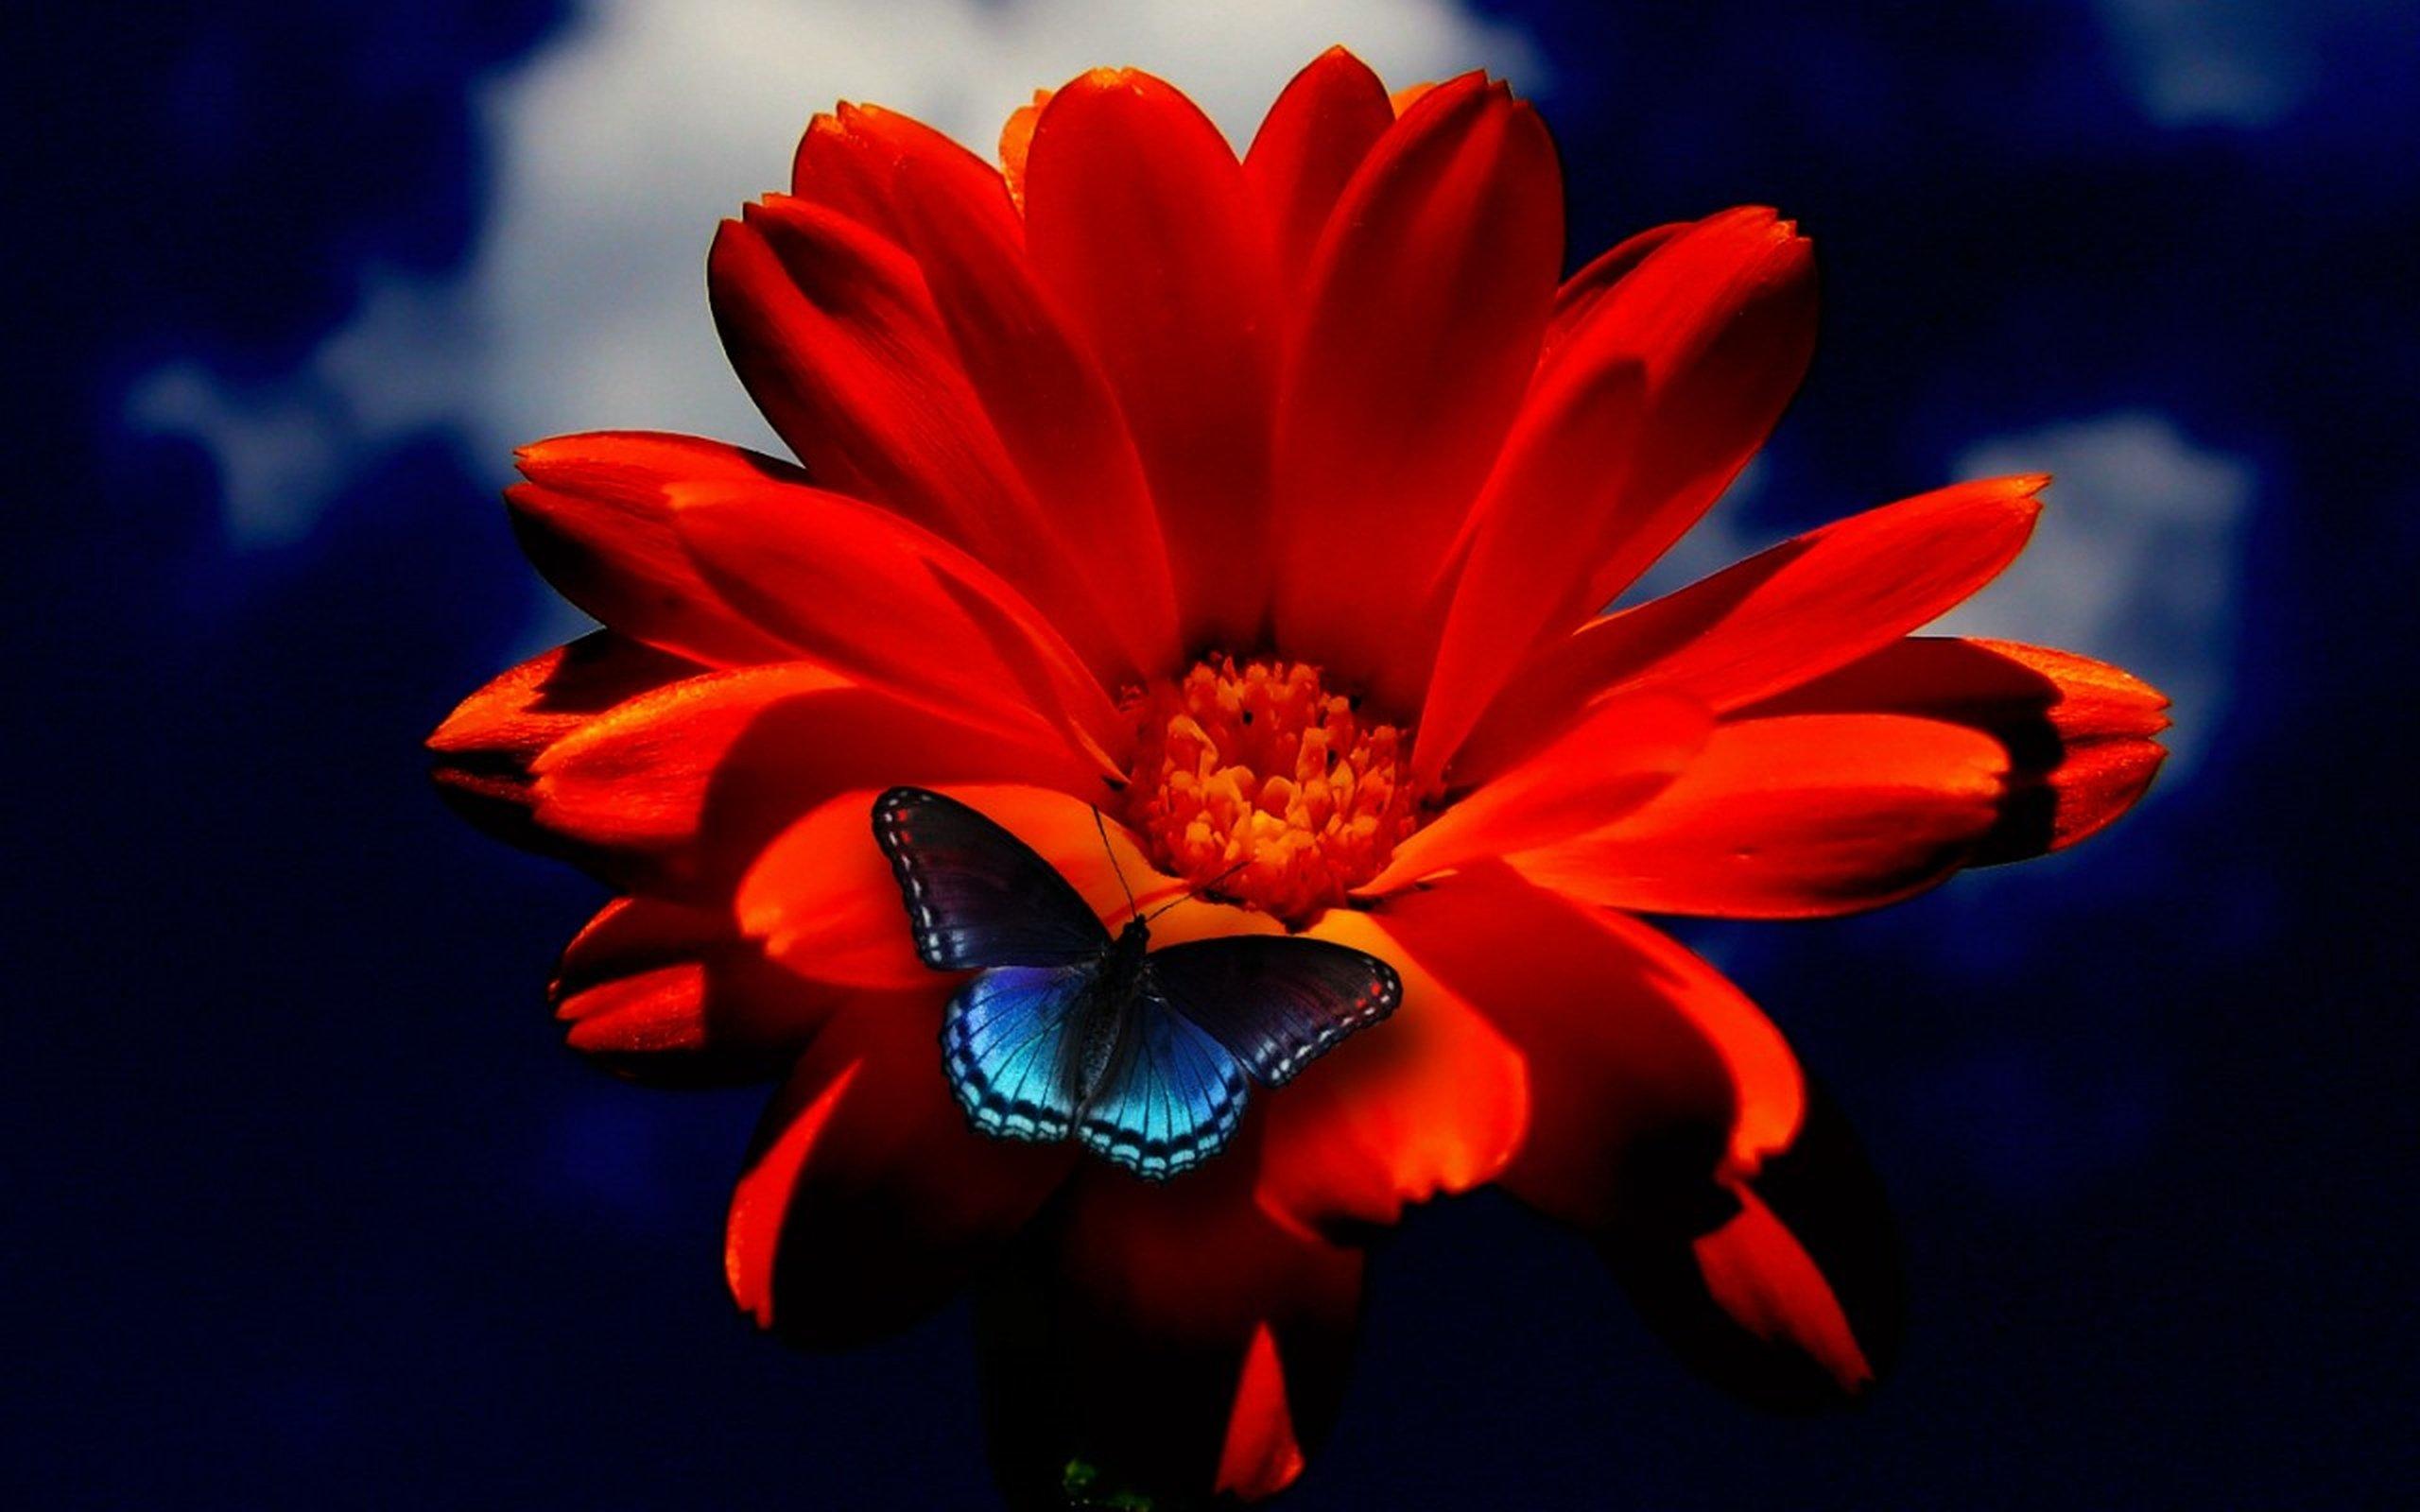 21740a387e11 Red orange flower blue butterfly wallpaper | 2560x1600 | 467639 |  WallpaperUP